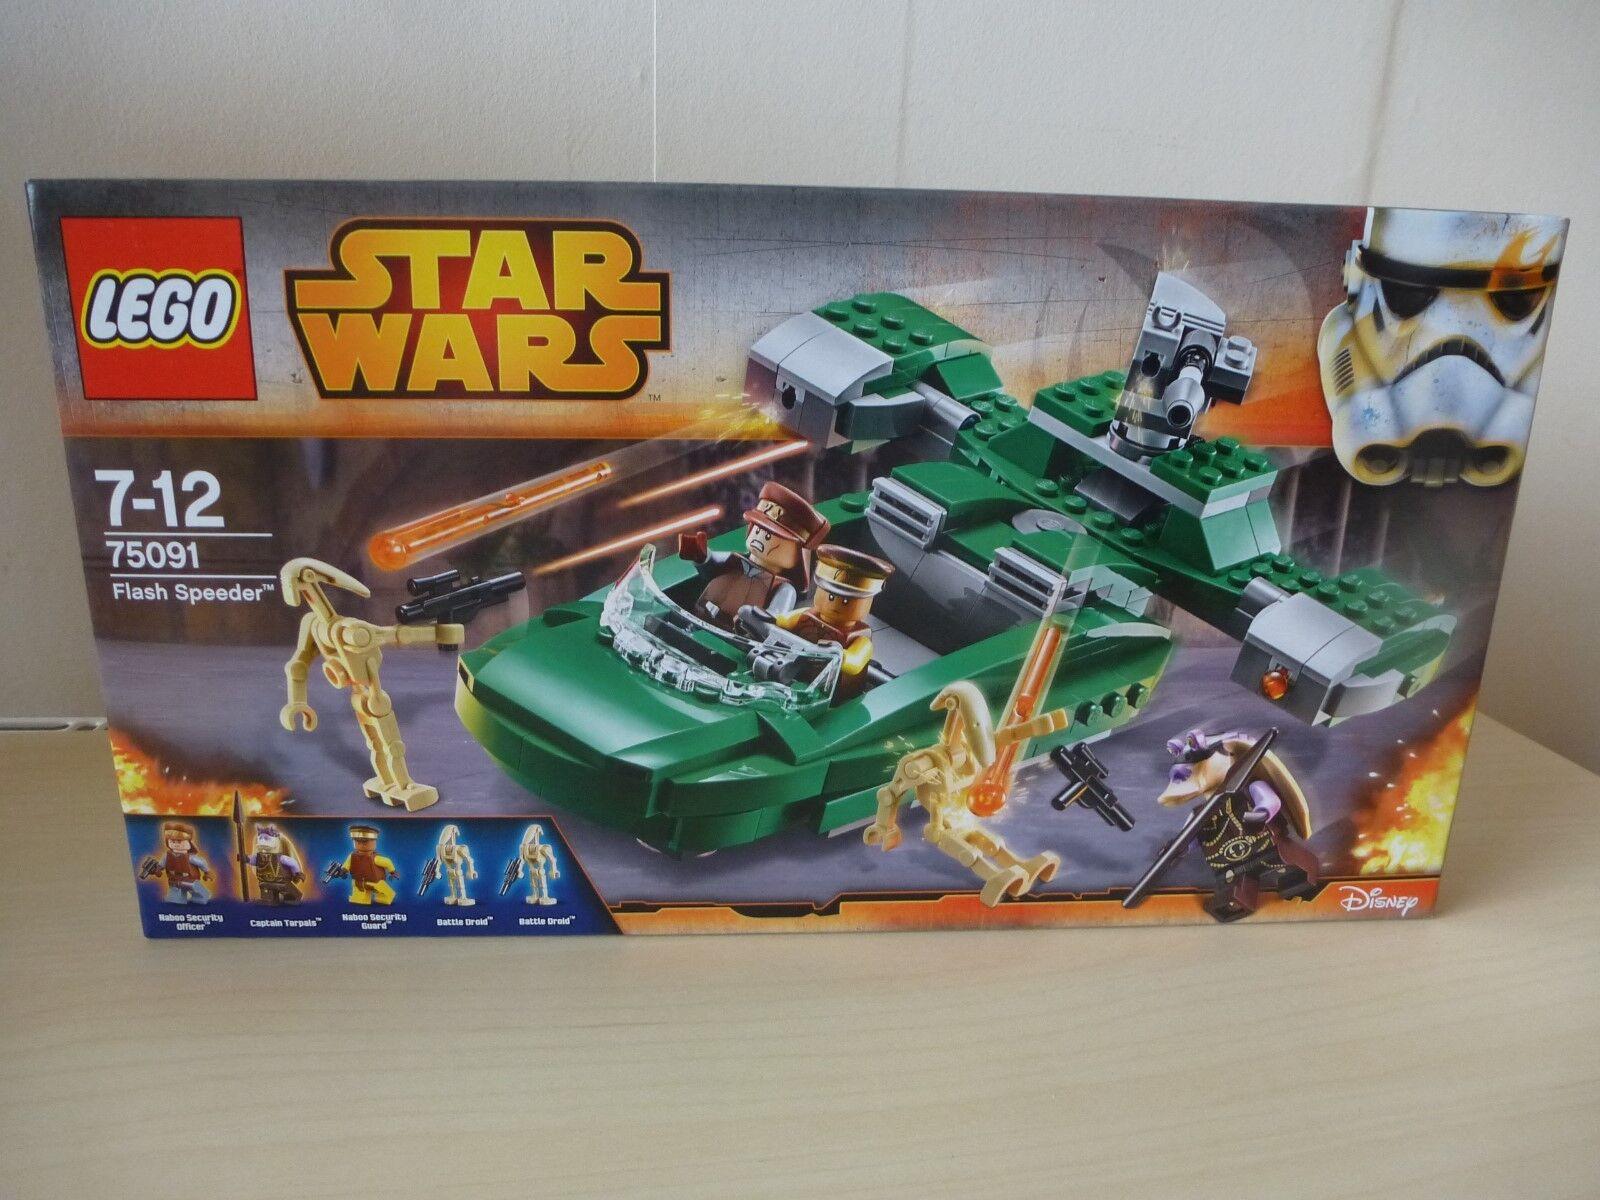 Lego Star Wars - 75091 - Flash Speeder - New Sealed